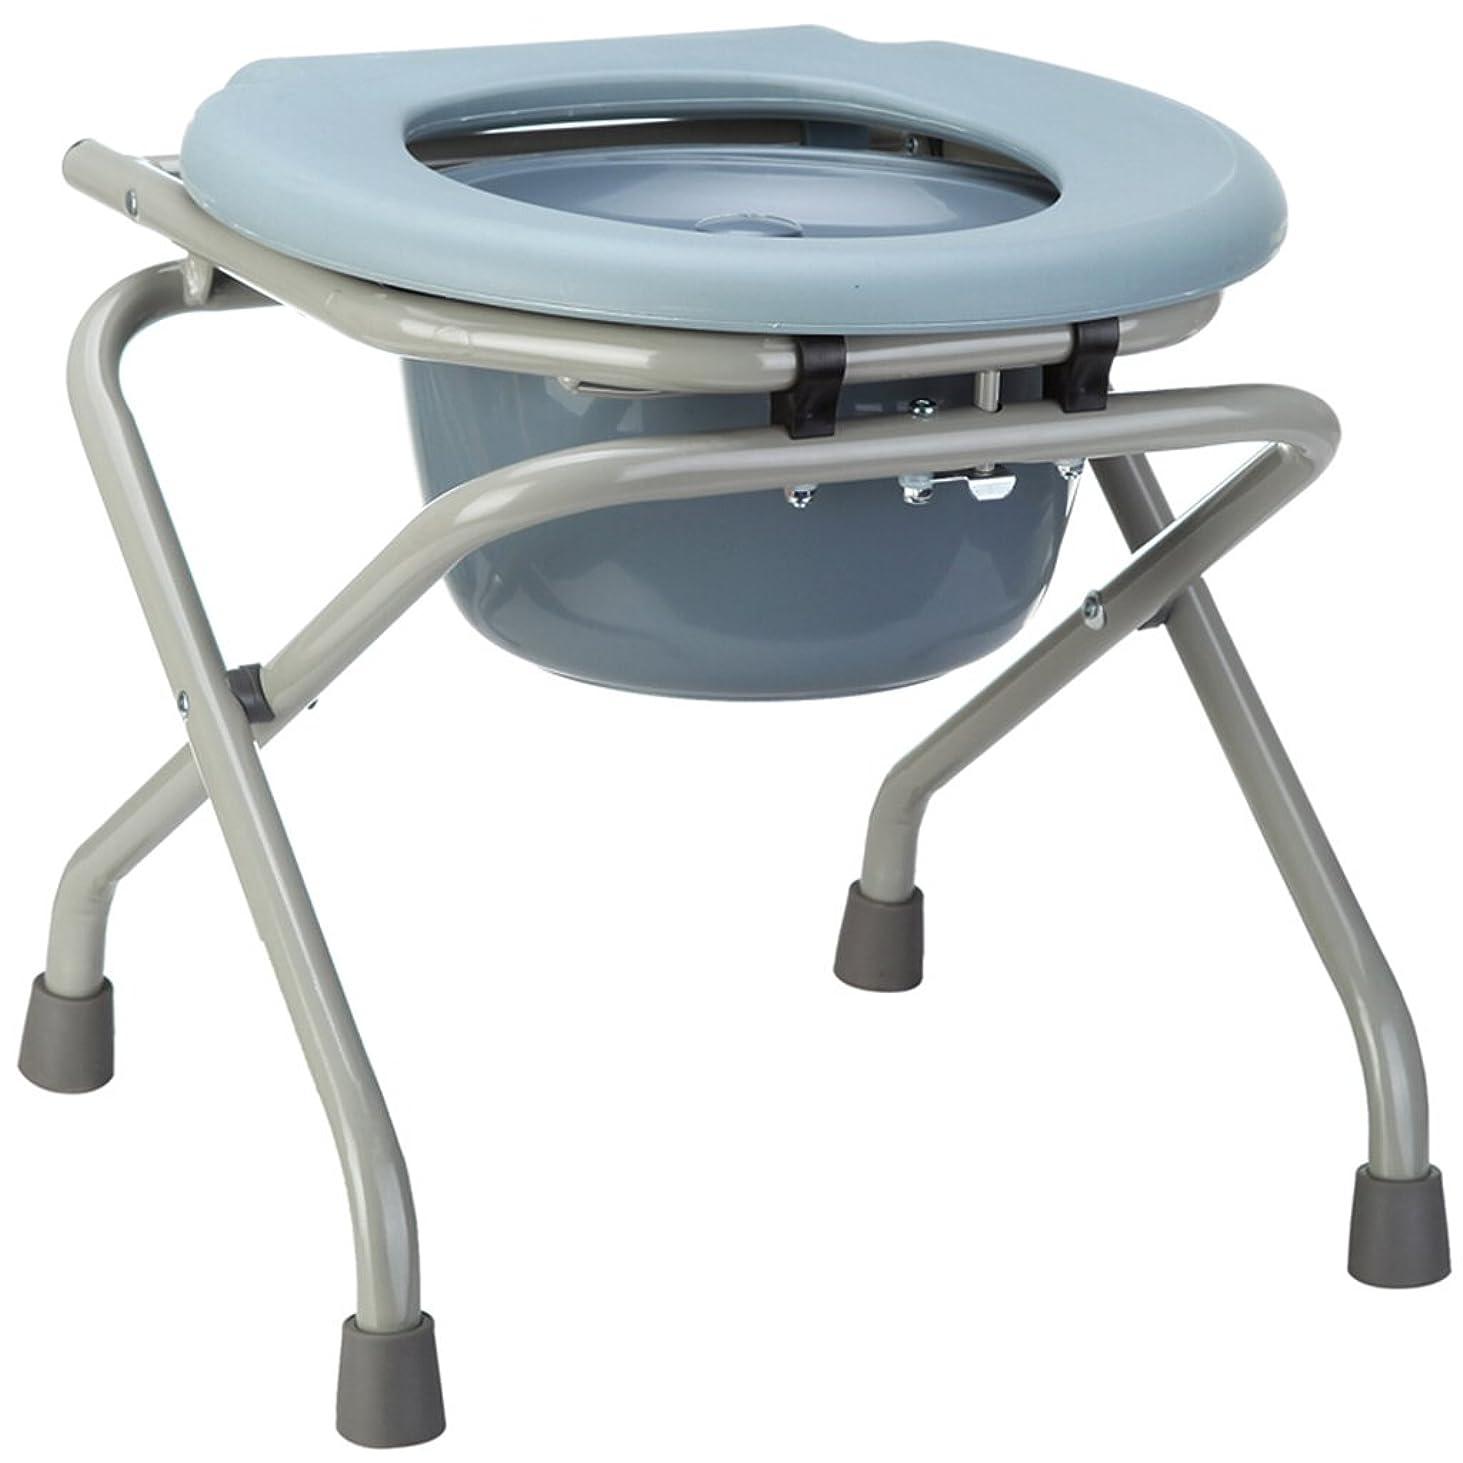 前文ミシン私トイレ椅子、折り畳み式ノンスリップバスルーム老人妊婦トイレチェア40x40x41cm